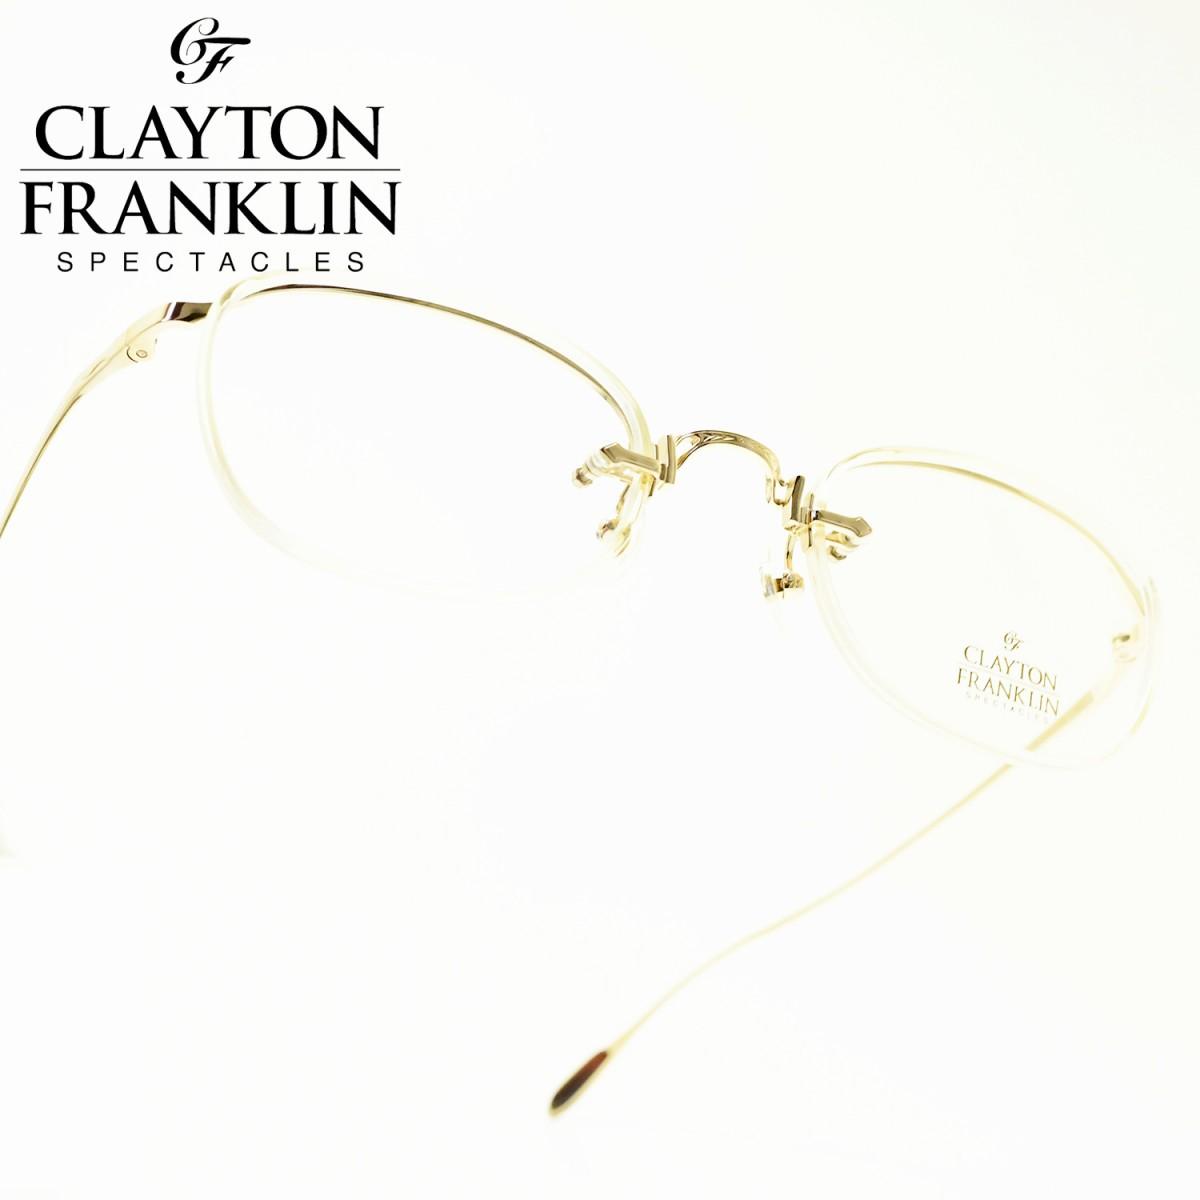 CLAYTON FRANKLIN クレイトンフランクリン629 GP/LA(ゴールド クリア/デモレンズ)メガネ 眼鏡 めがね メンズ レディース おしゃれブランド 人気 おすすめ フレーム 流行り 度付き レンズ